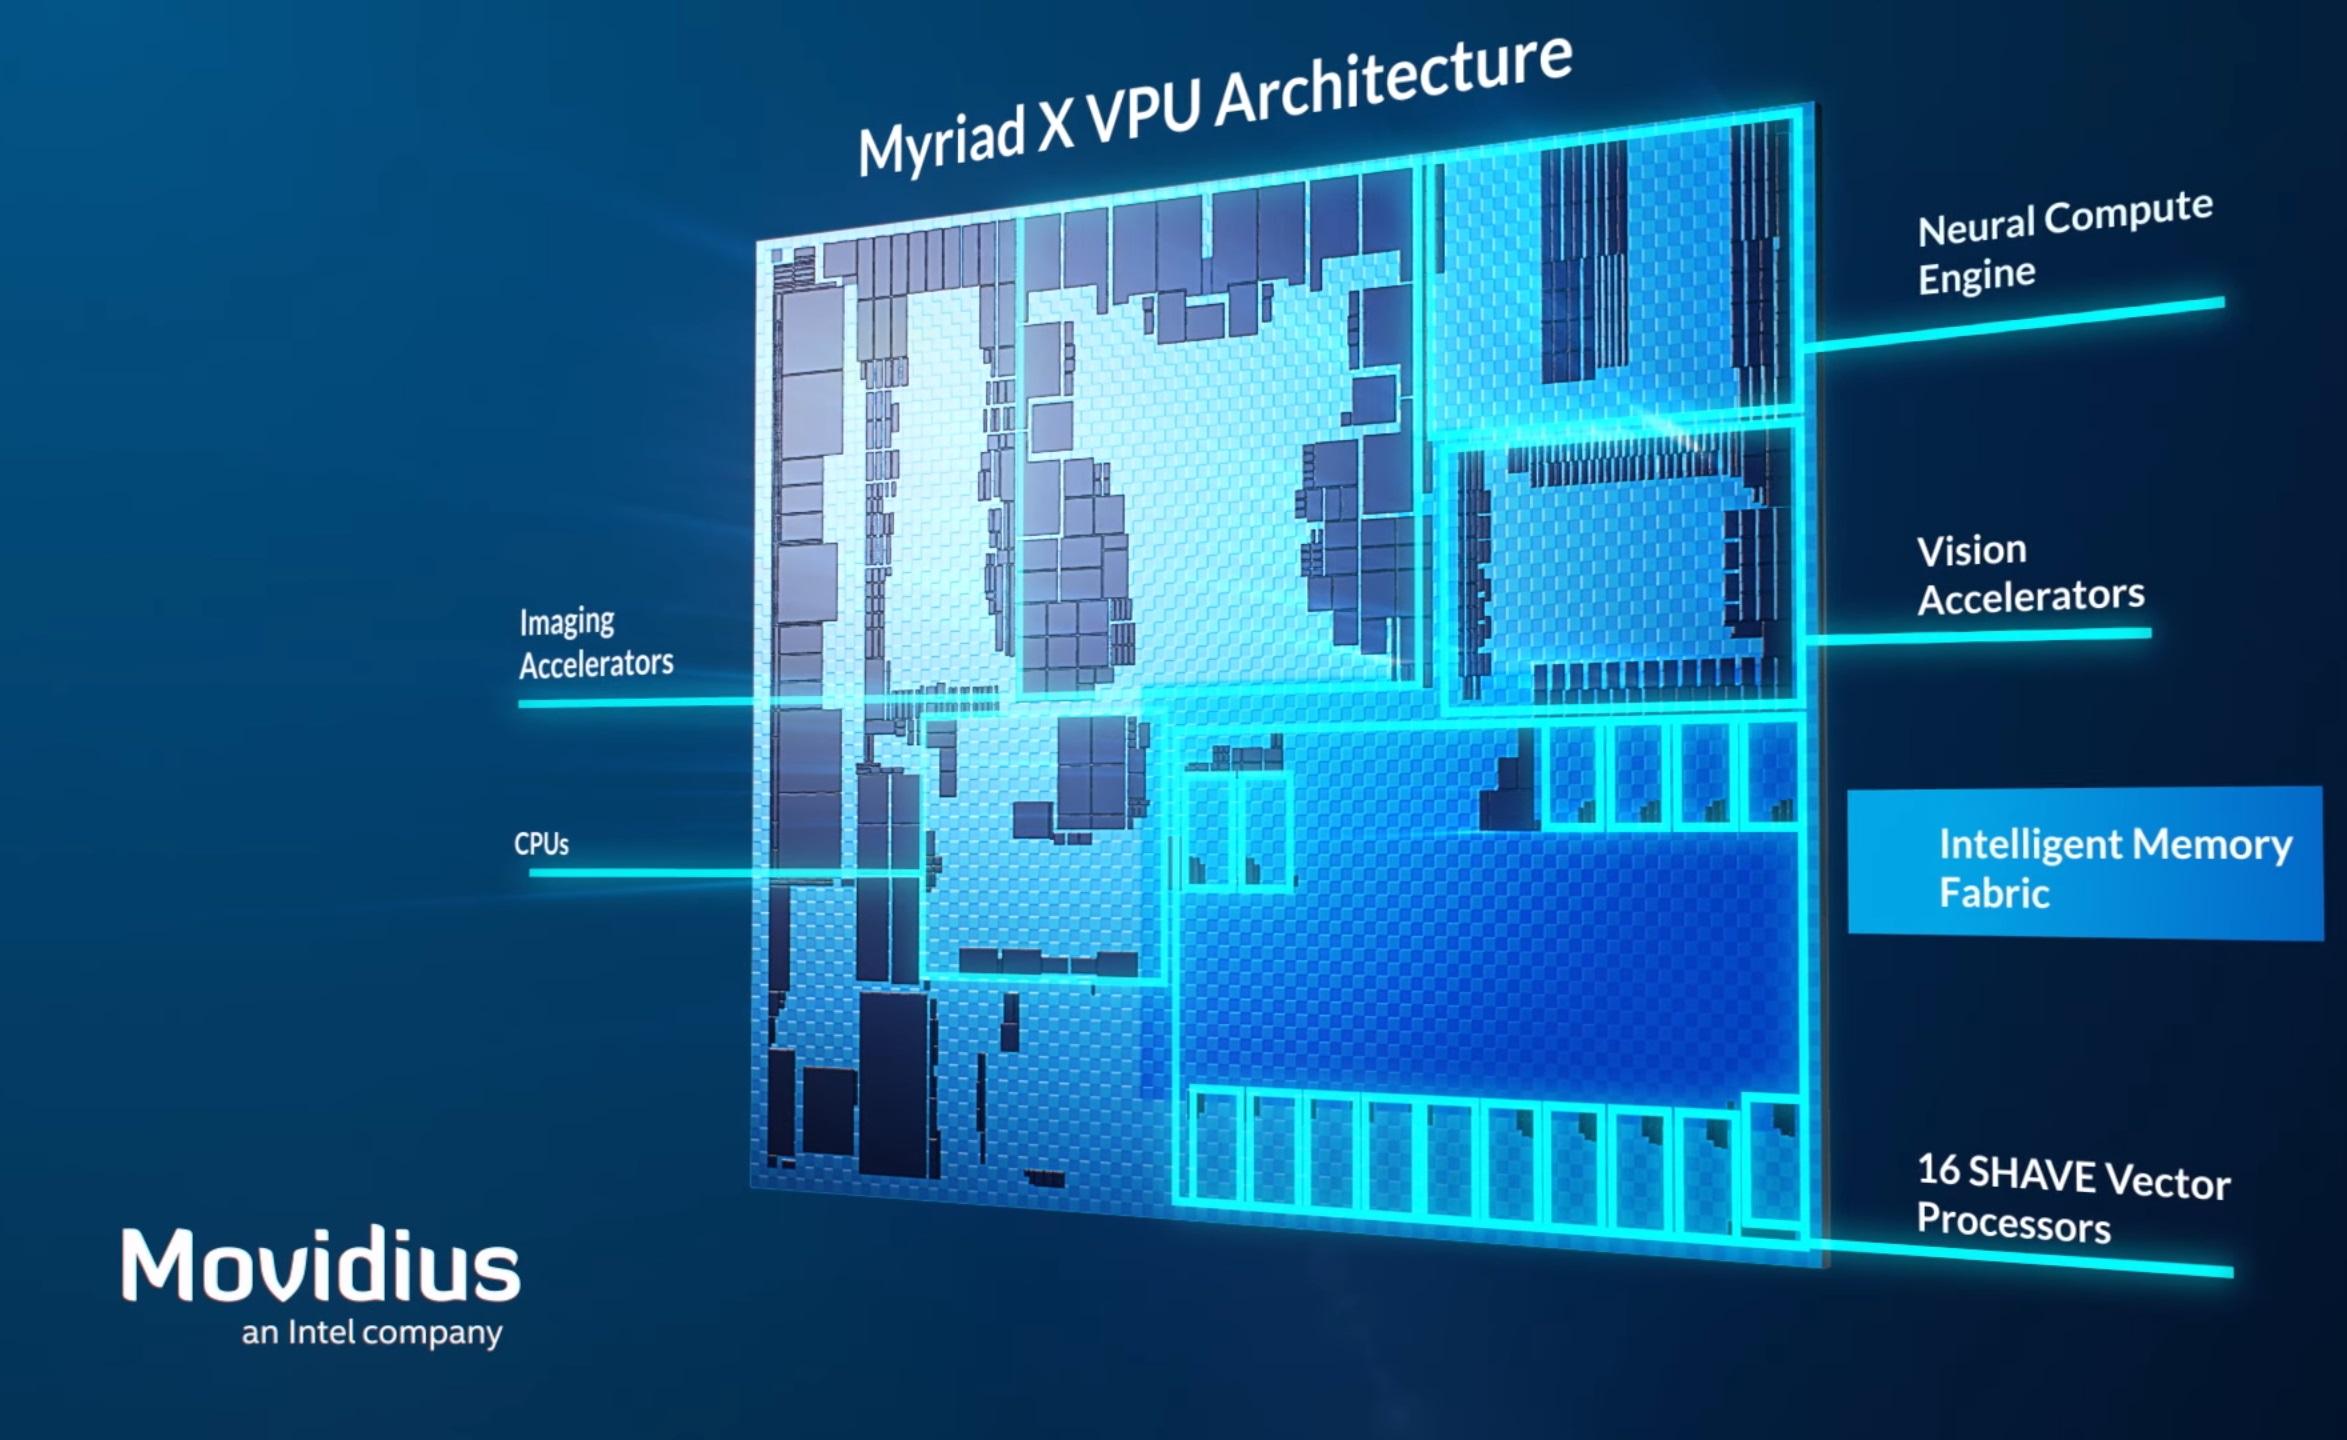 英特尔 Movidius 中的 VPU 允许计算机视觉应用在芯片中进行处理